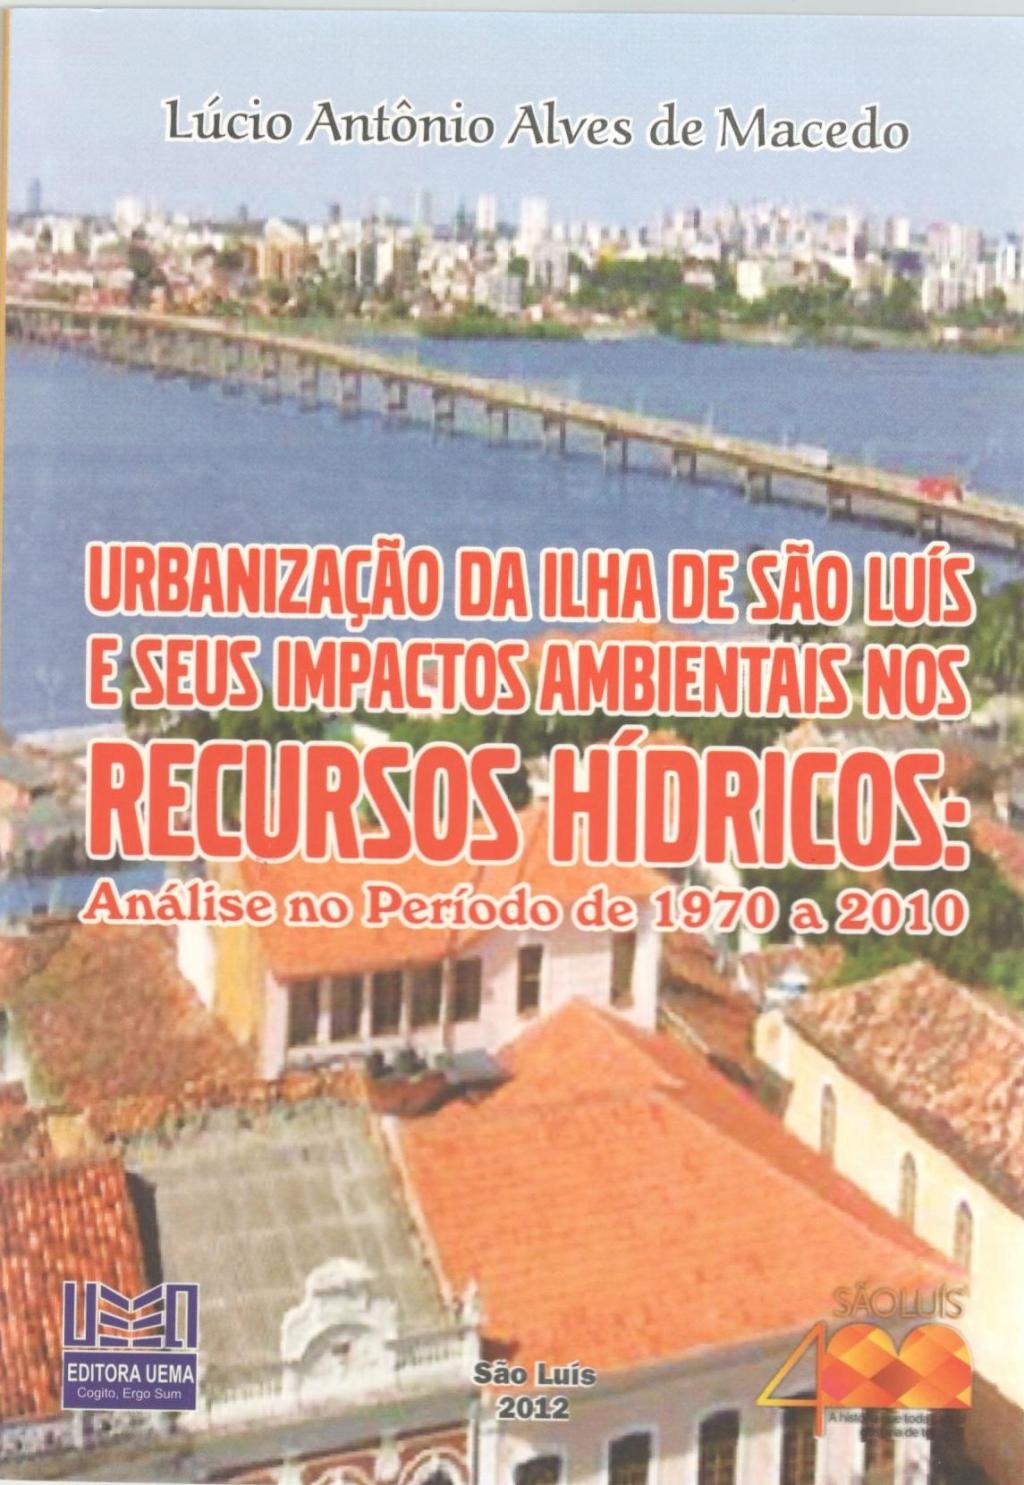 Coleção 400 Anos - Urbanização da ilha de São Luís e seus impactos ambientais nos recursos hídricos: Análise no período de 1970 a 2010